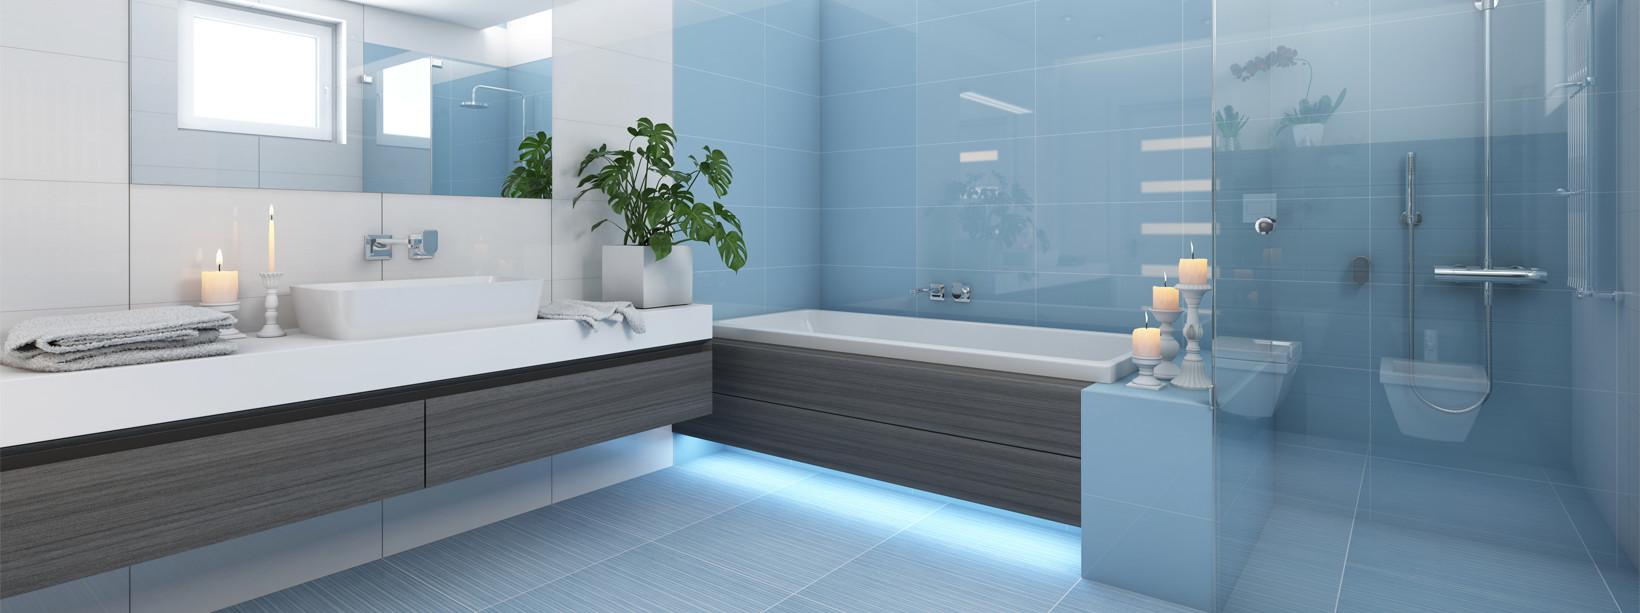 mimosa-renovation-salle-de-bain2